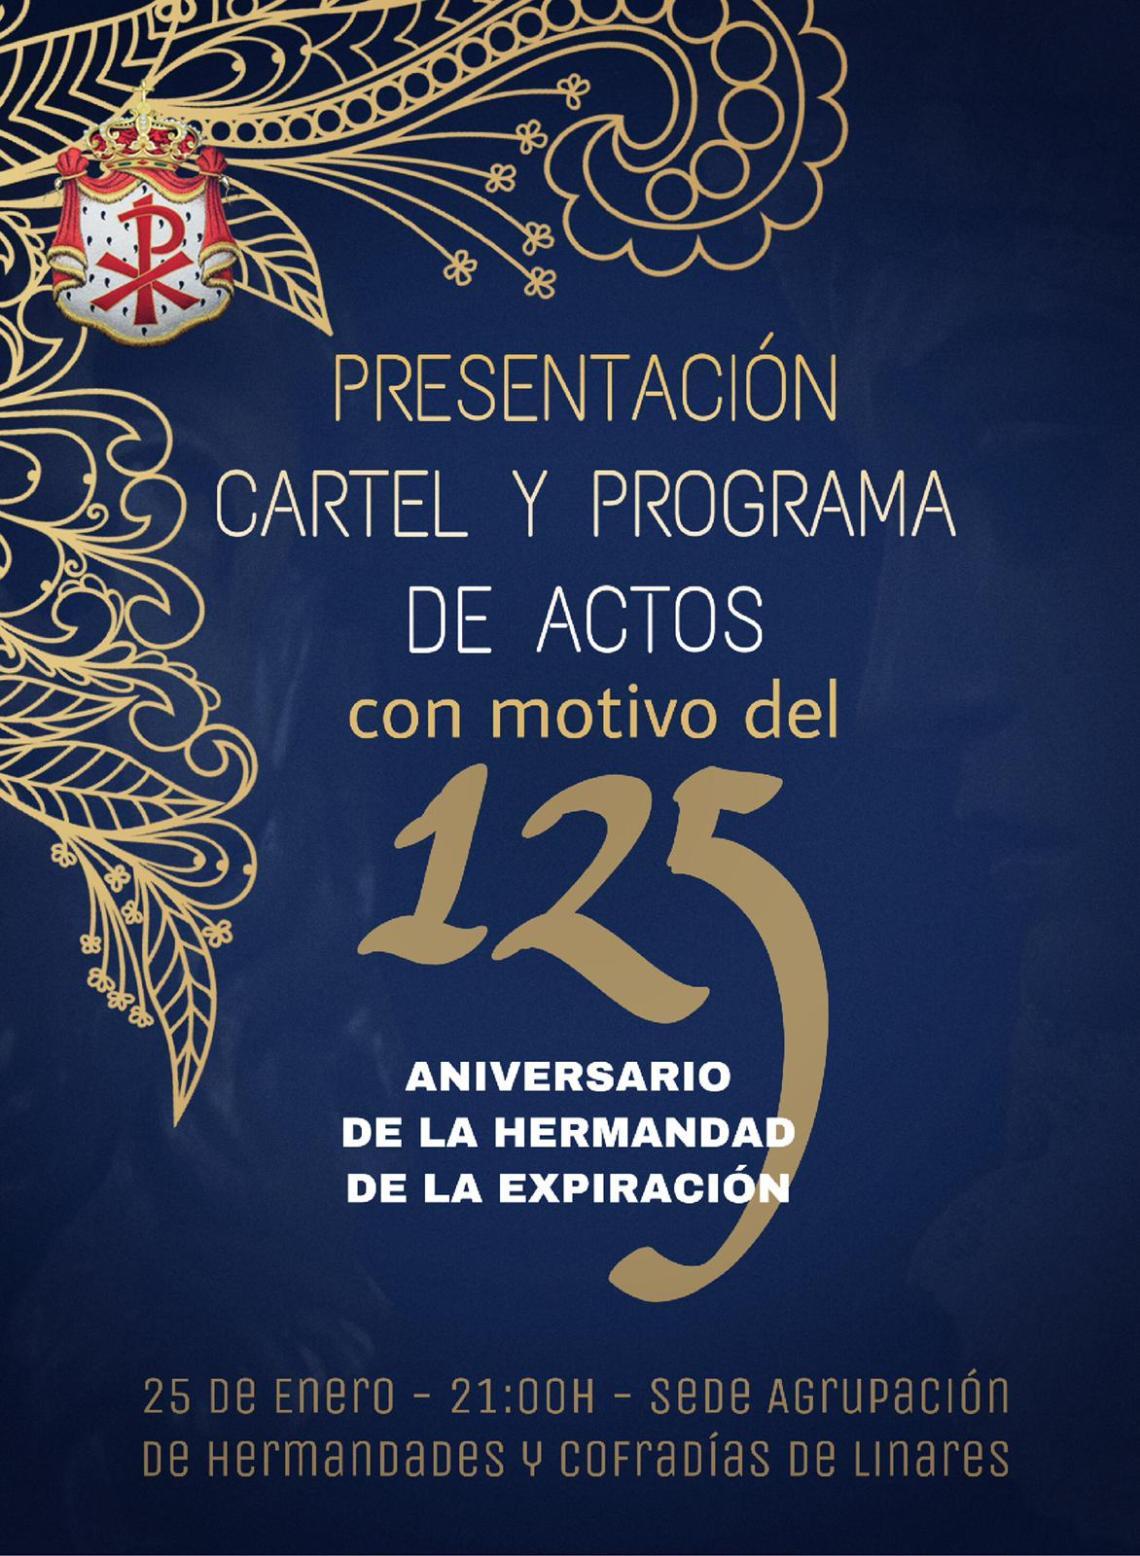 El 25 de enero se presentarán en la Agrupación de Cofradías los actos del 125 aniversario